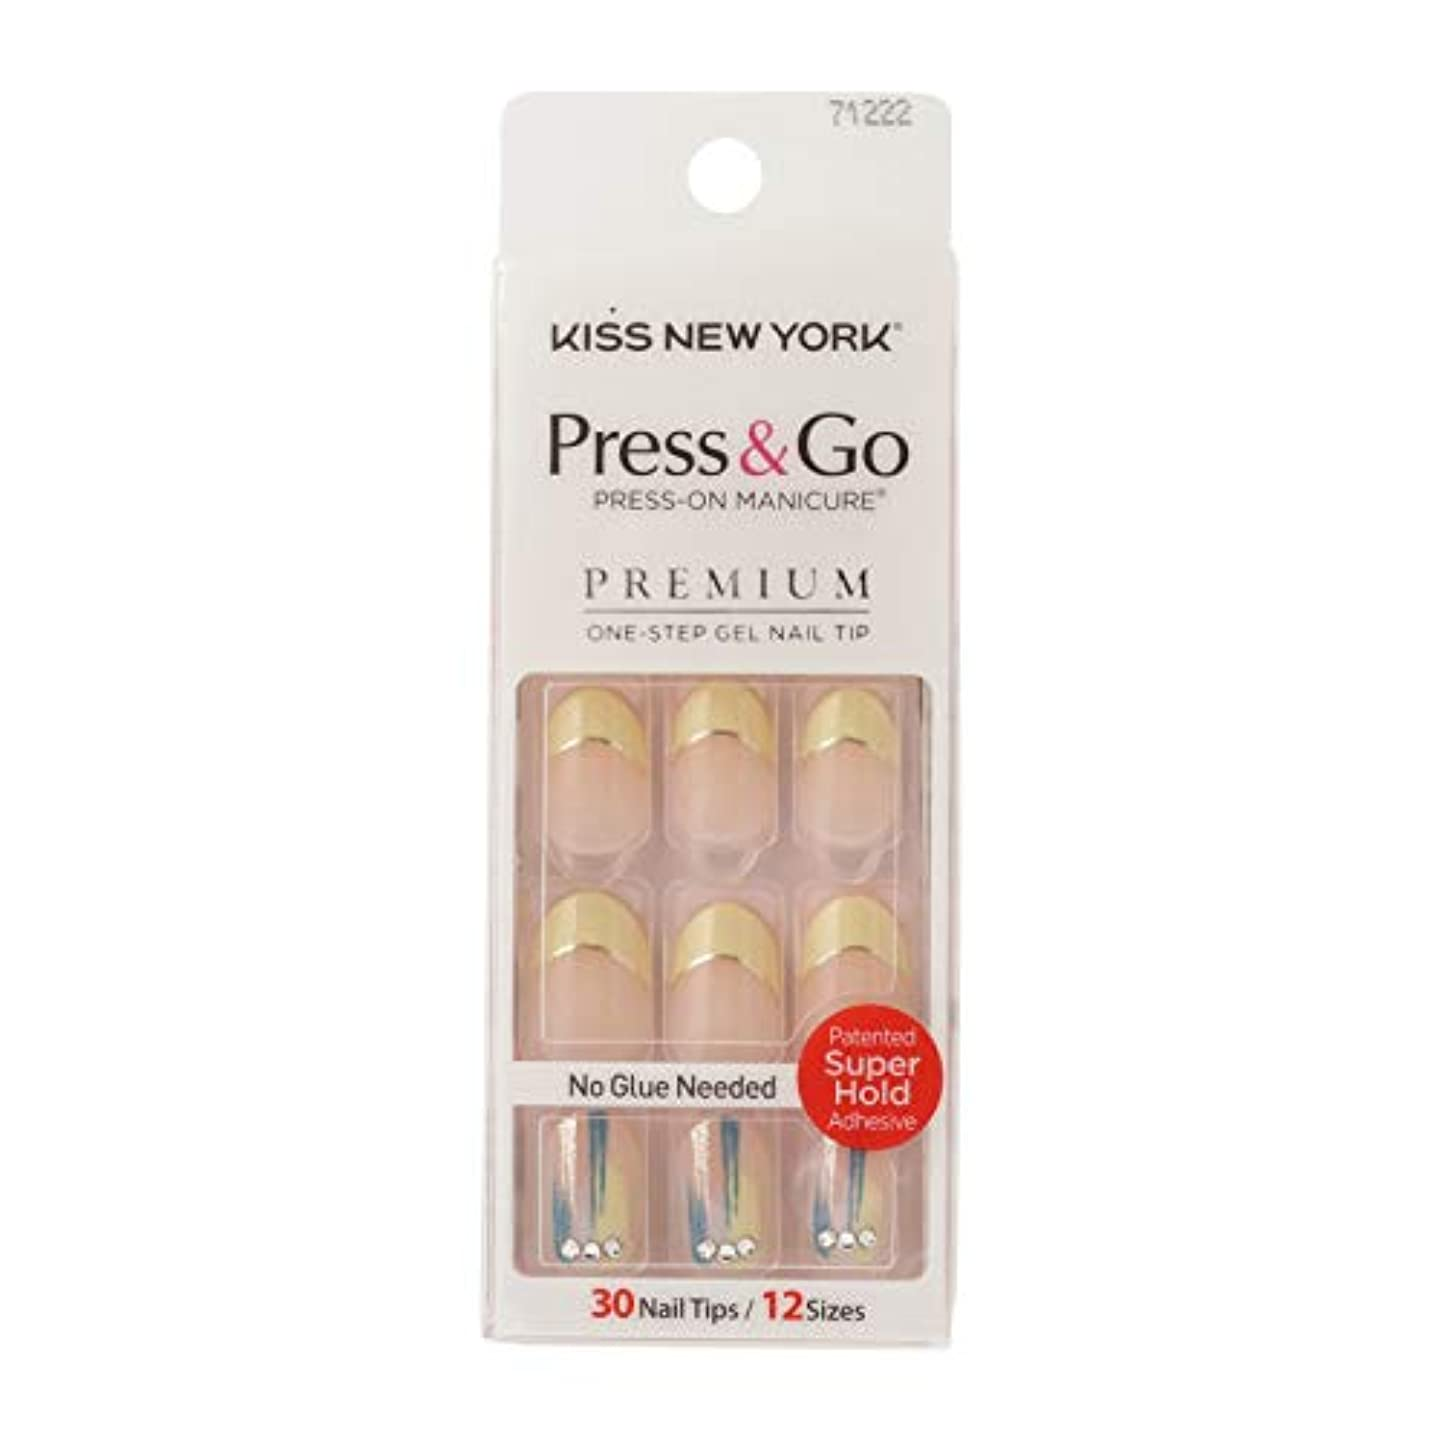 やけどおじさんカートキスニューヨーク (KISS NEW YORK) KISS NEWYORK ネイルチップPress&Go BHJ32J 19g